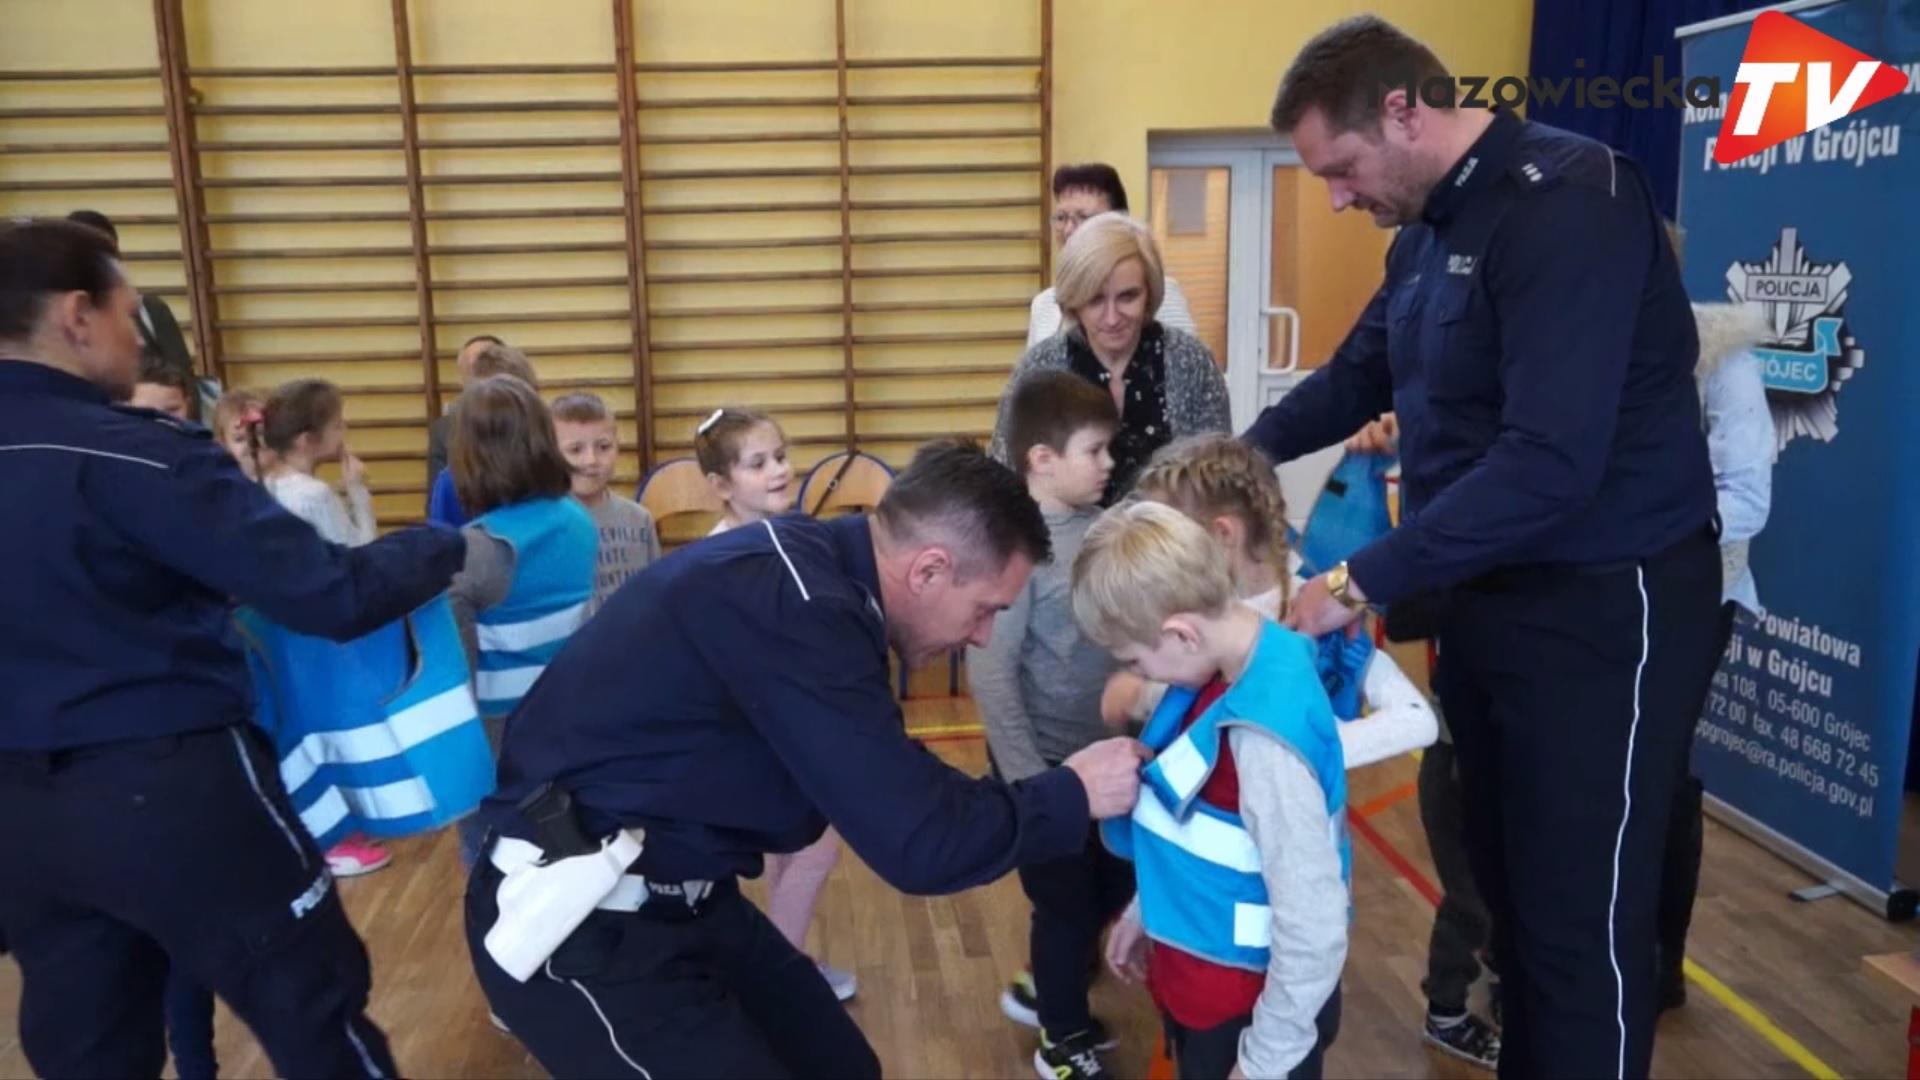 Policjanci z Grójca z wizytą w Publicznej Szkole Podstawowej w Nowym Mieście nad Pilicą